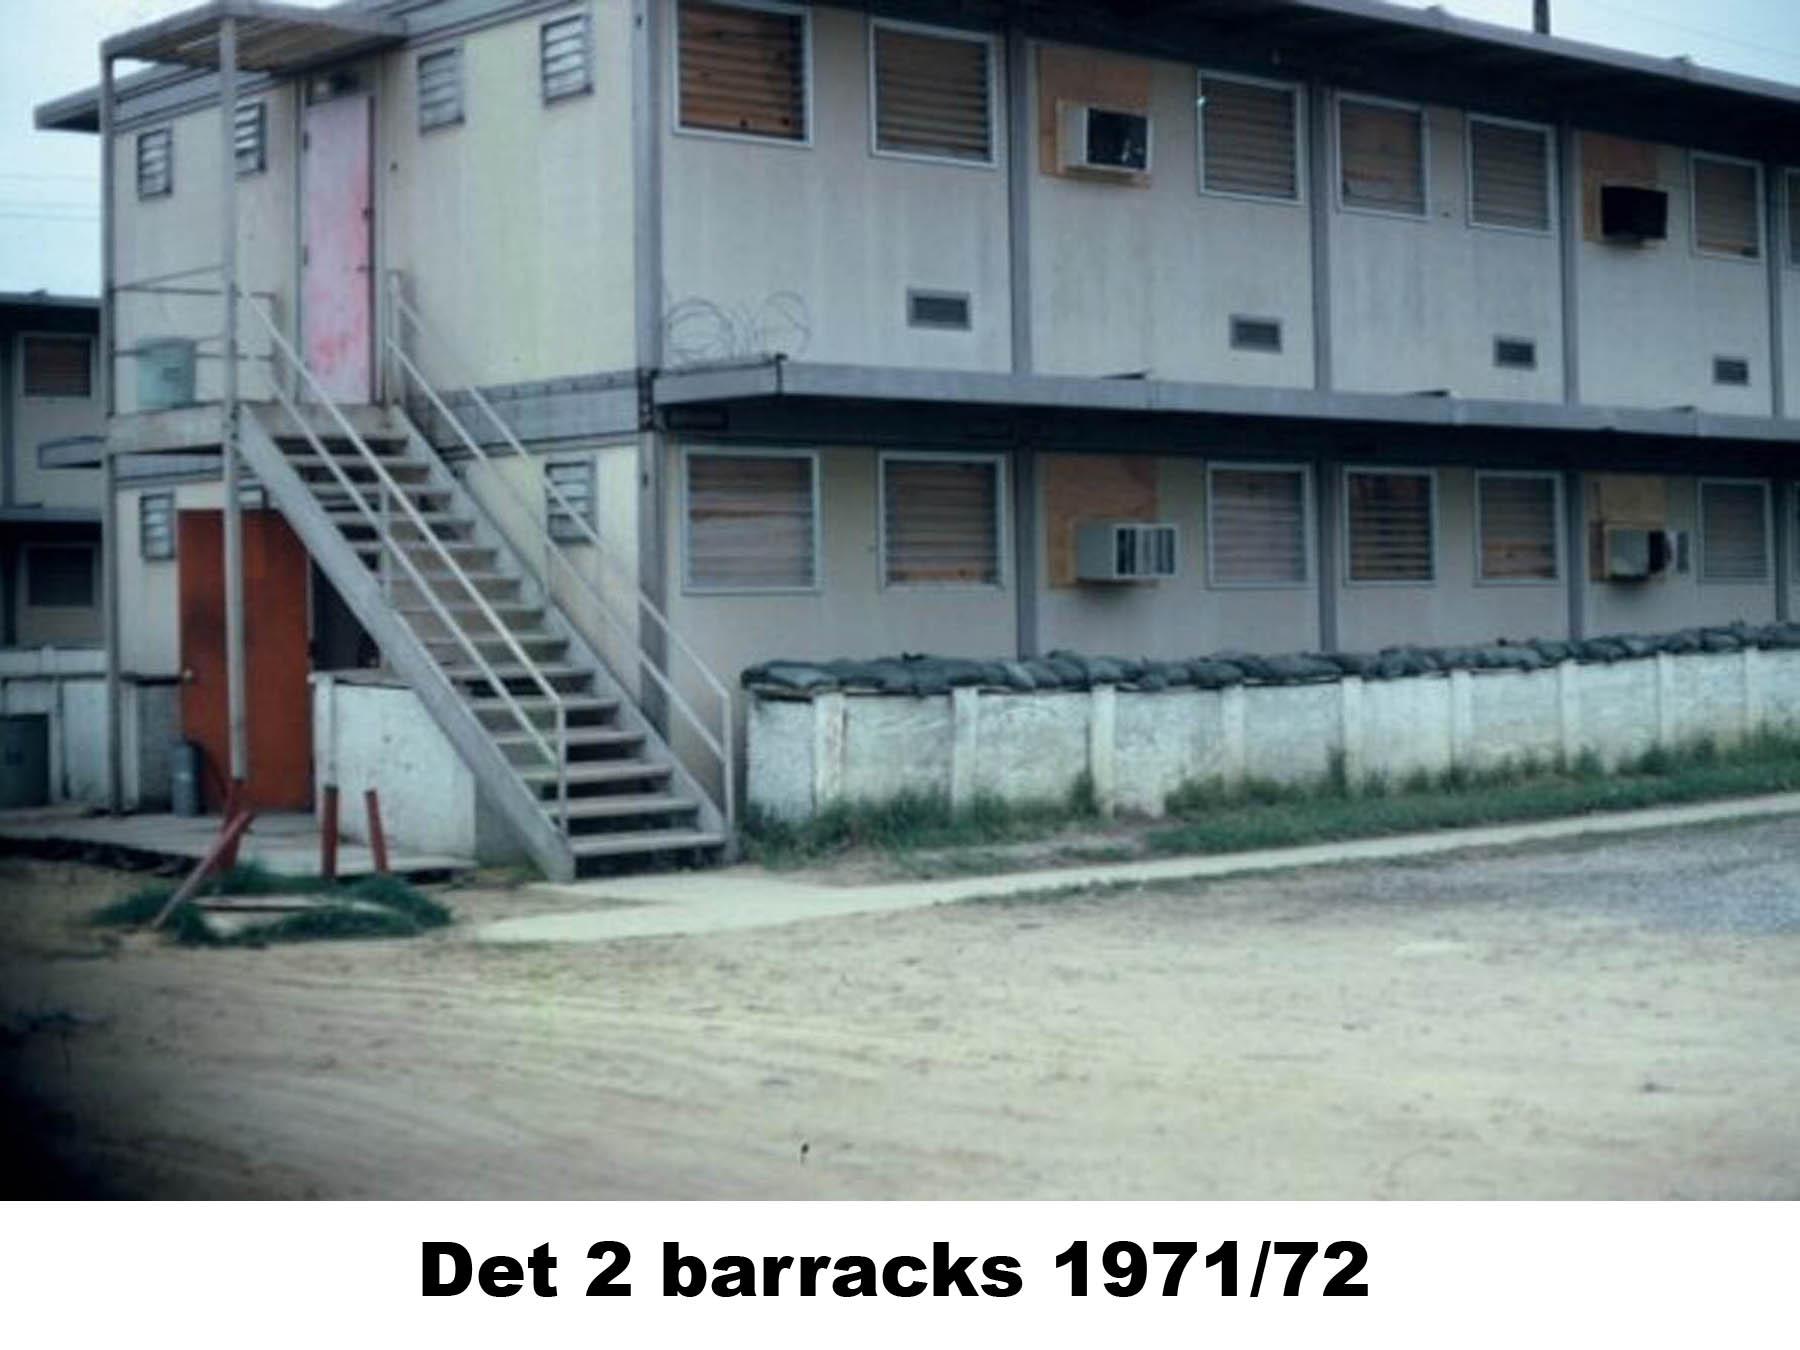 dng-196